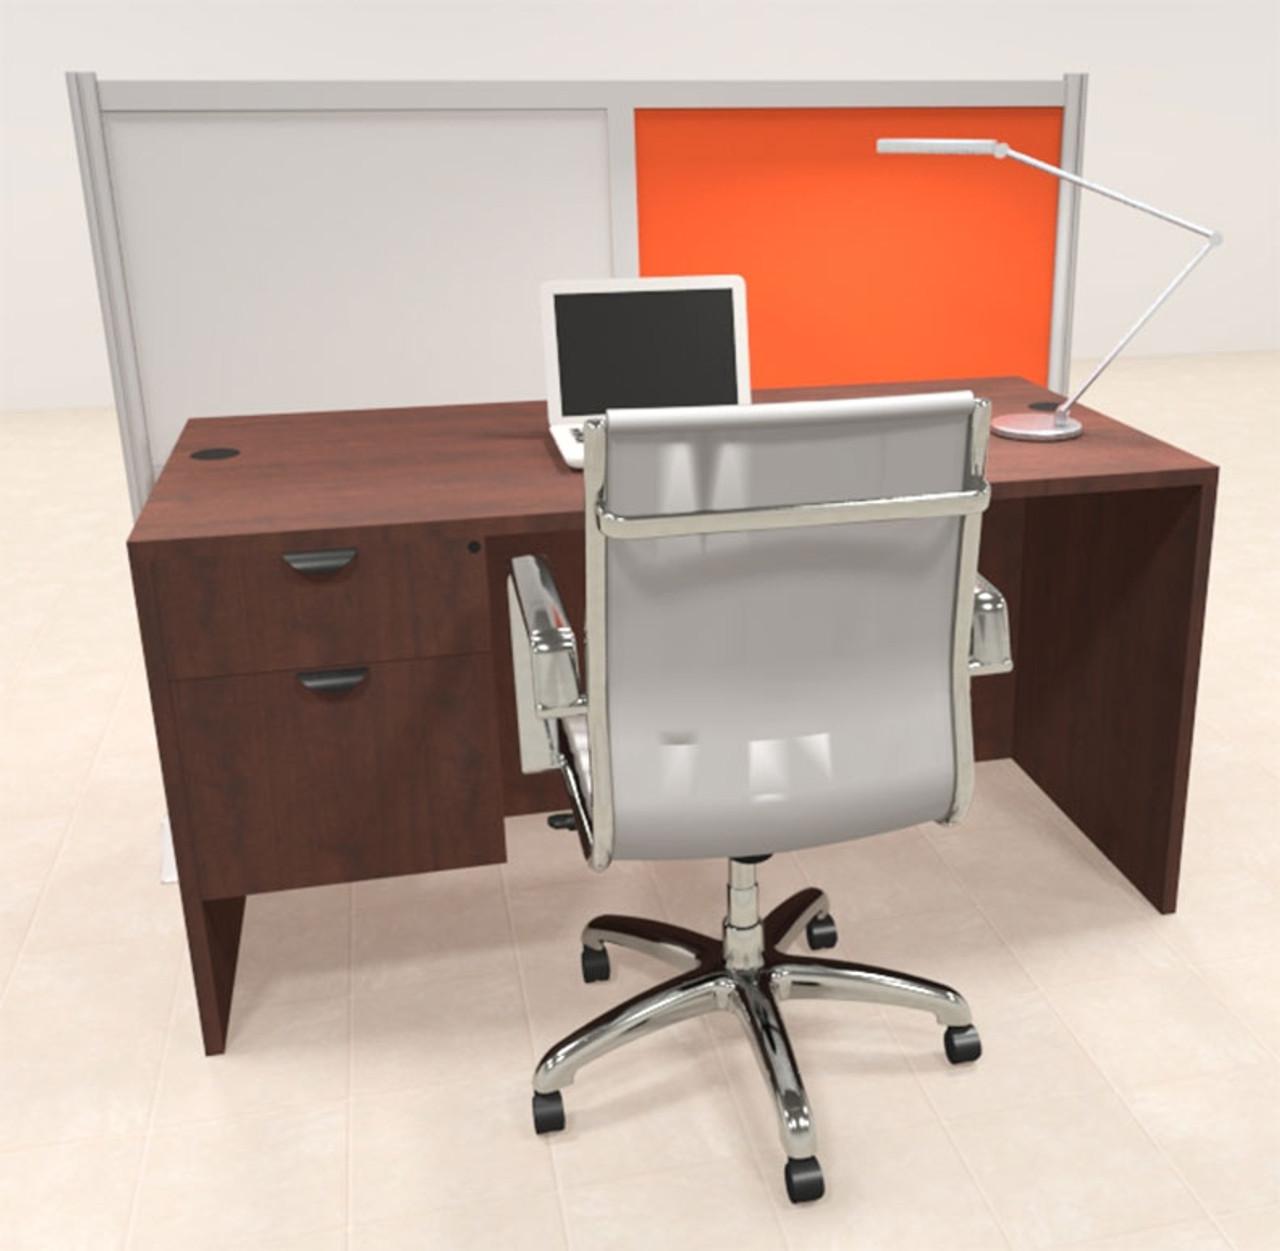 One Person Workstation w/Acrylic Aluminum Privacy Panel, #OT-SUL-HPO134